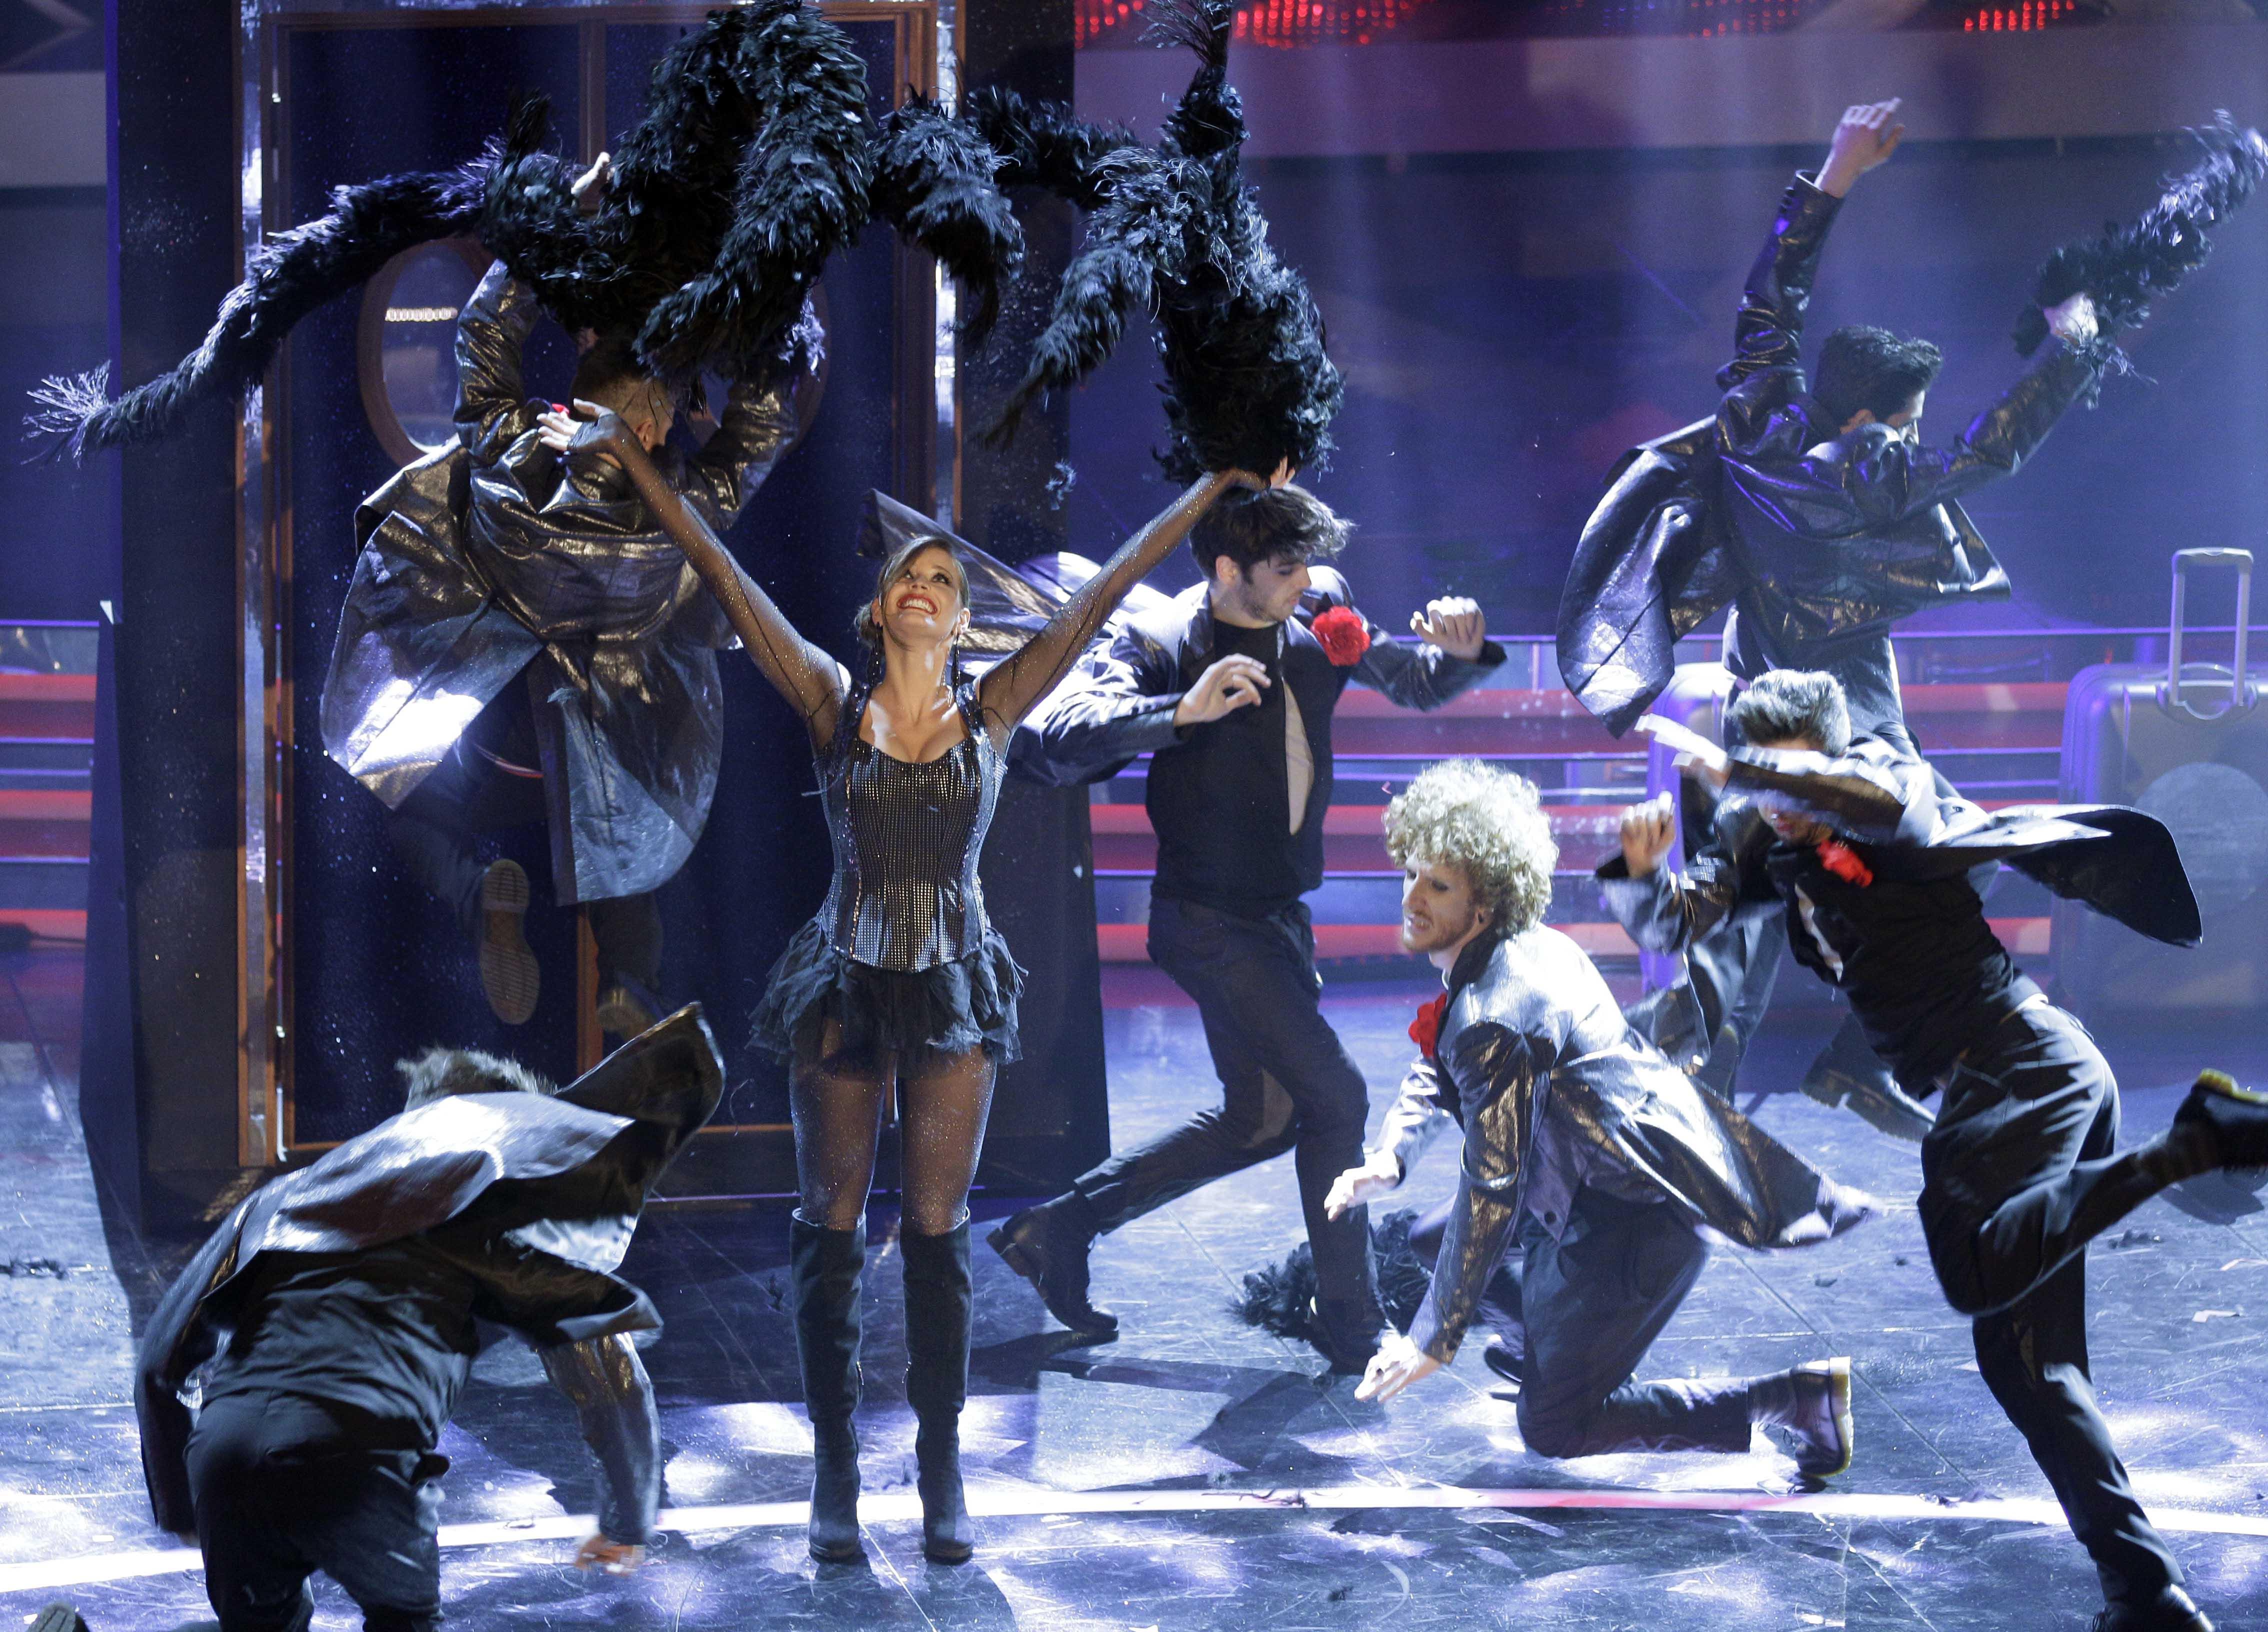 Sanremo 2012: Ivana Mrazova sul palco per 15 minuti in 5 ore, soldi ben spesi